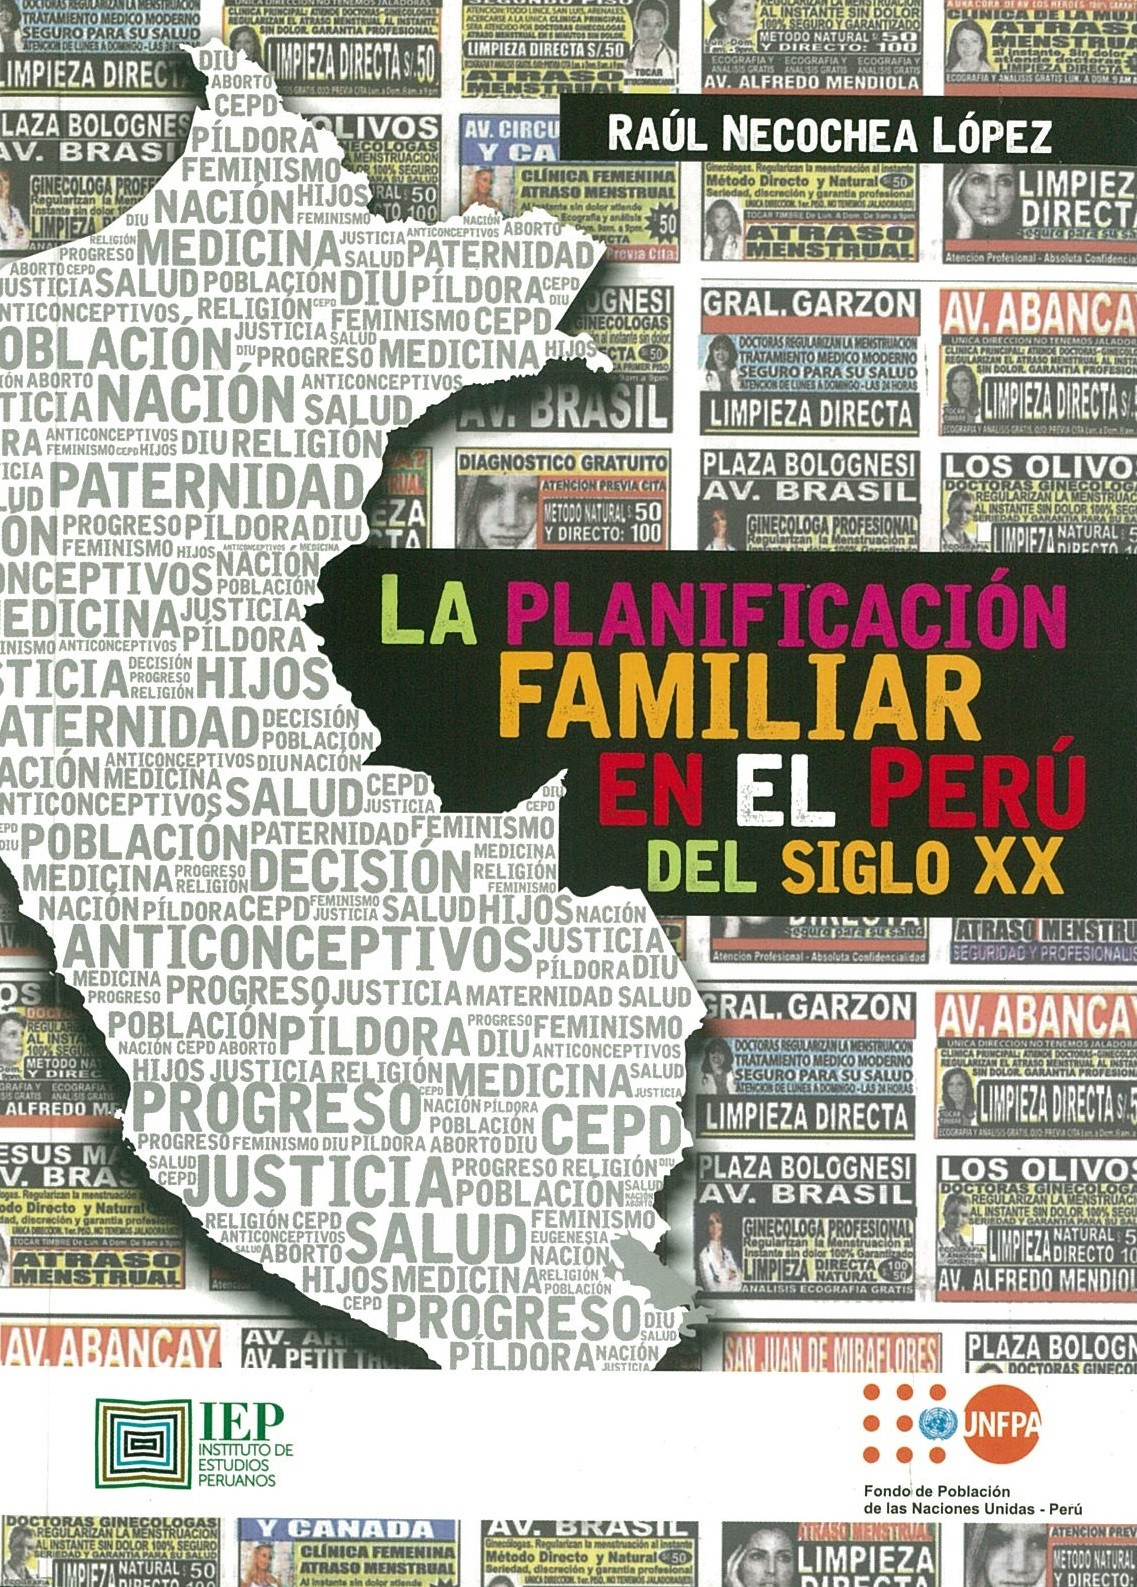 La planificación familiar en el Perú del siglo XX